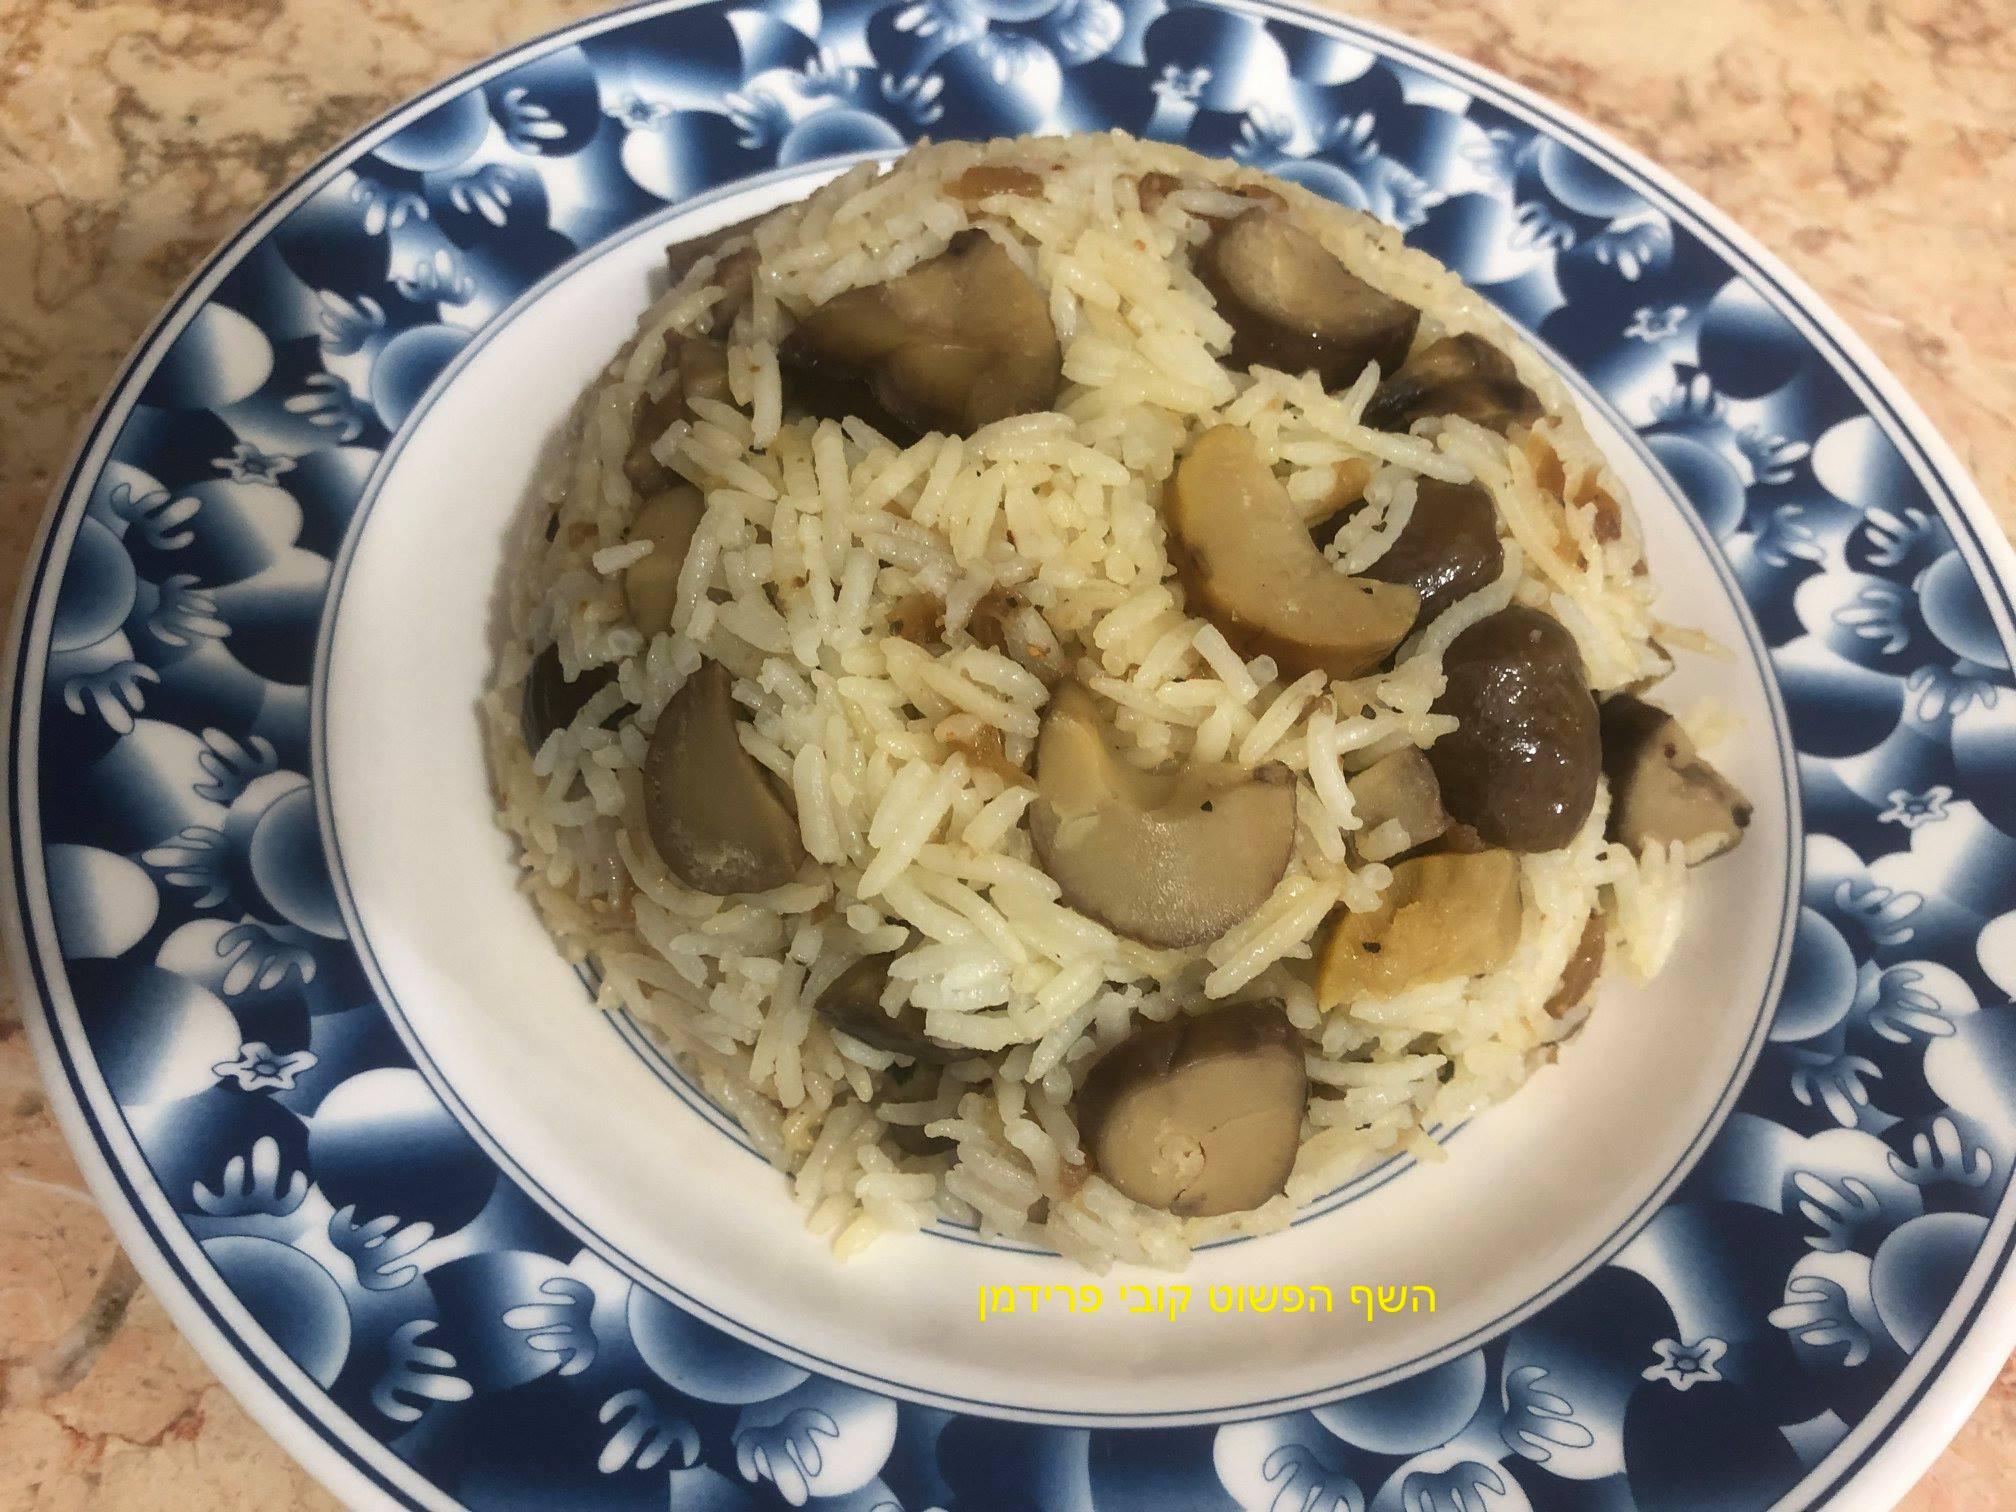 מתכון אורז בסמטי עם ערמונים ובצל מקורמל